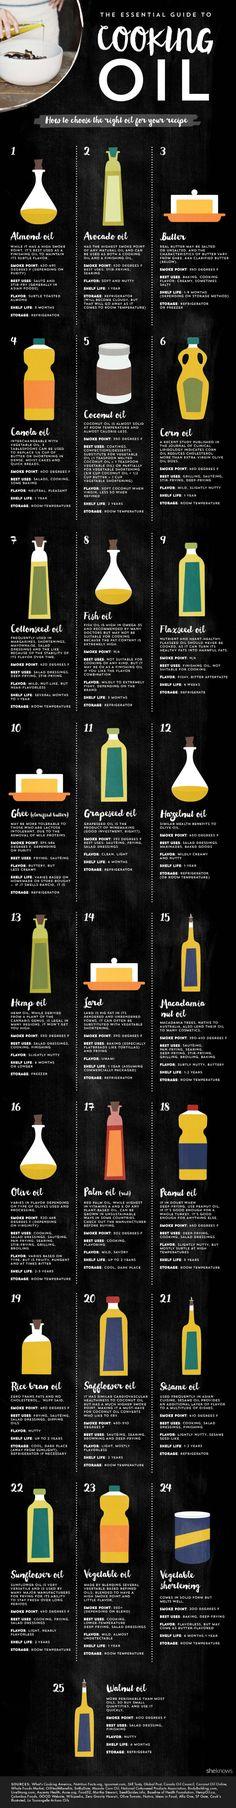 Aquí está una guía más detallada a los aceites de cocina.